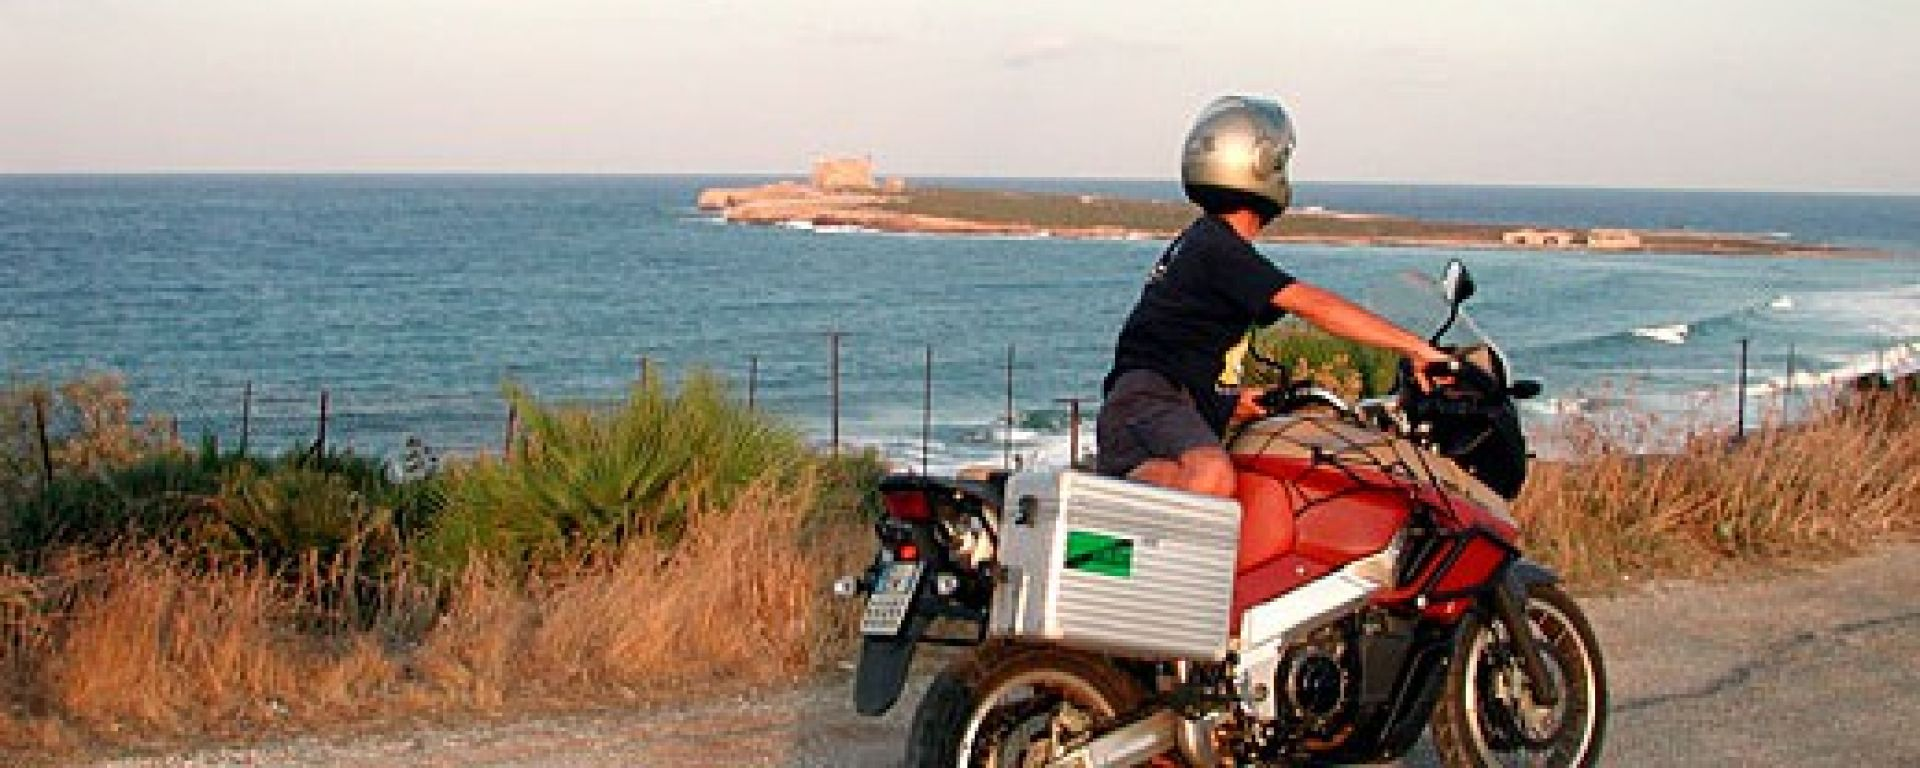 Come guidare la moto a pieno carico